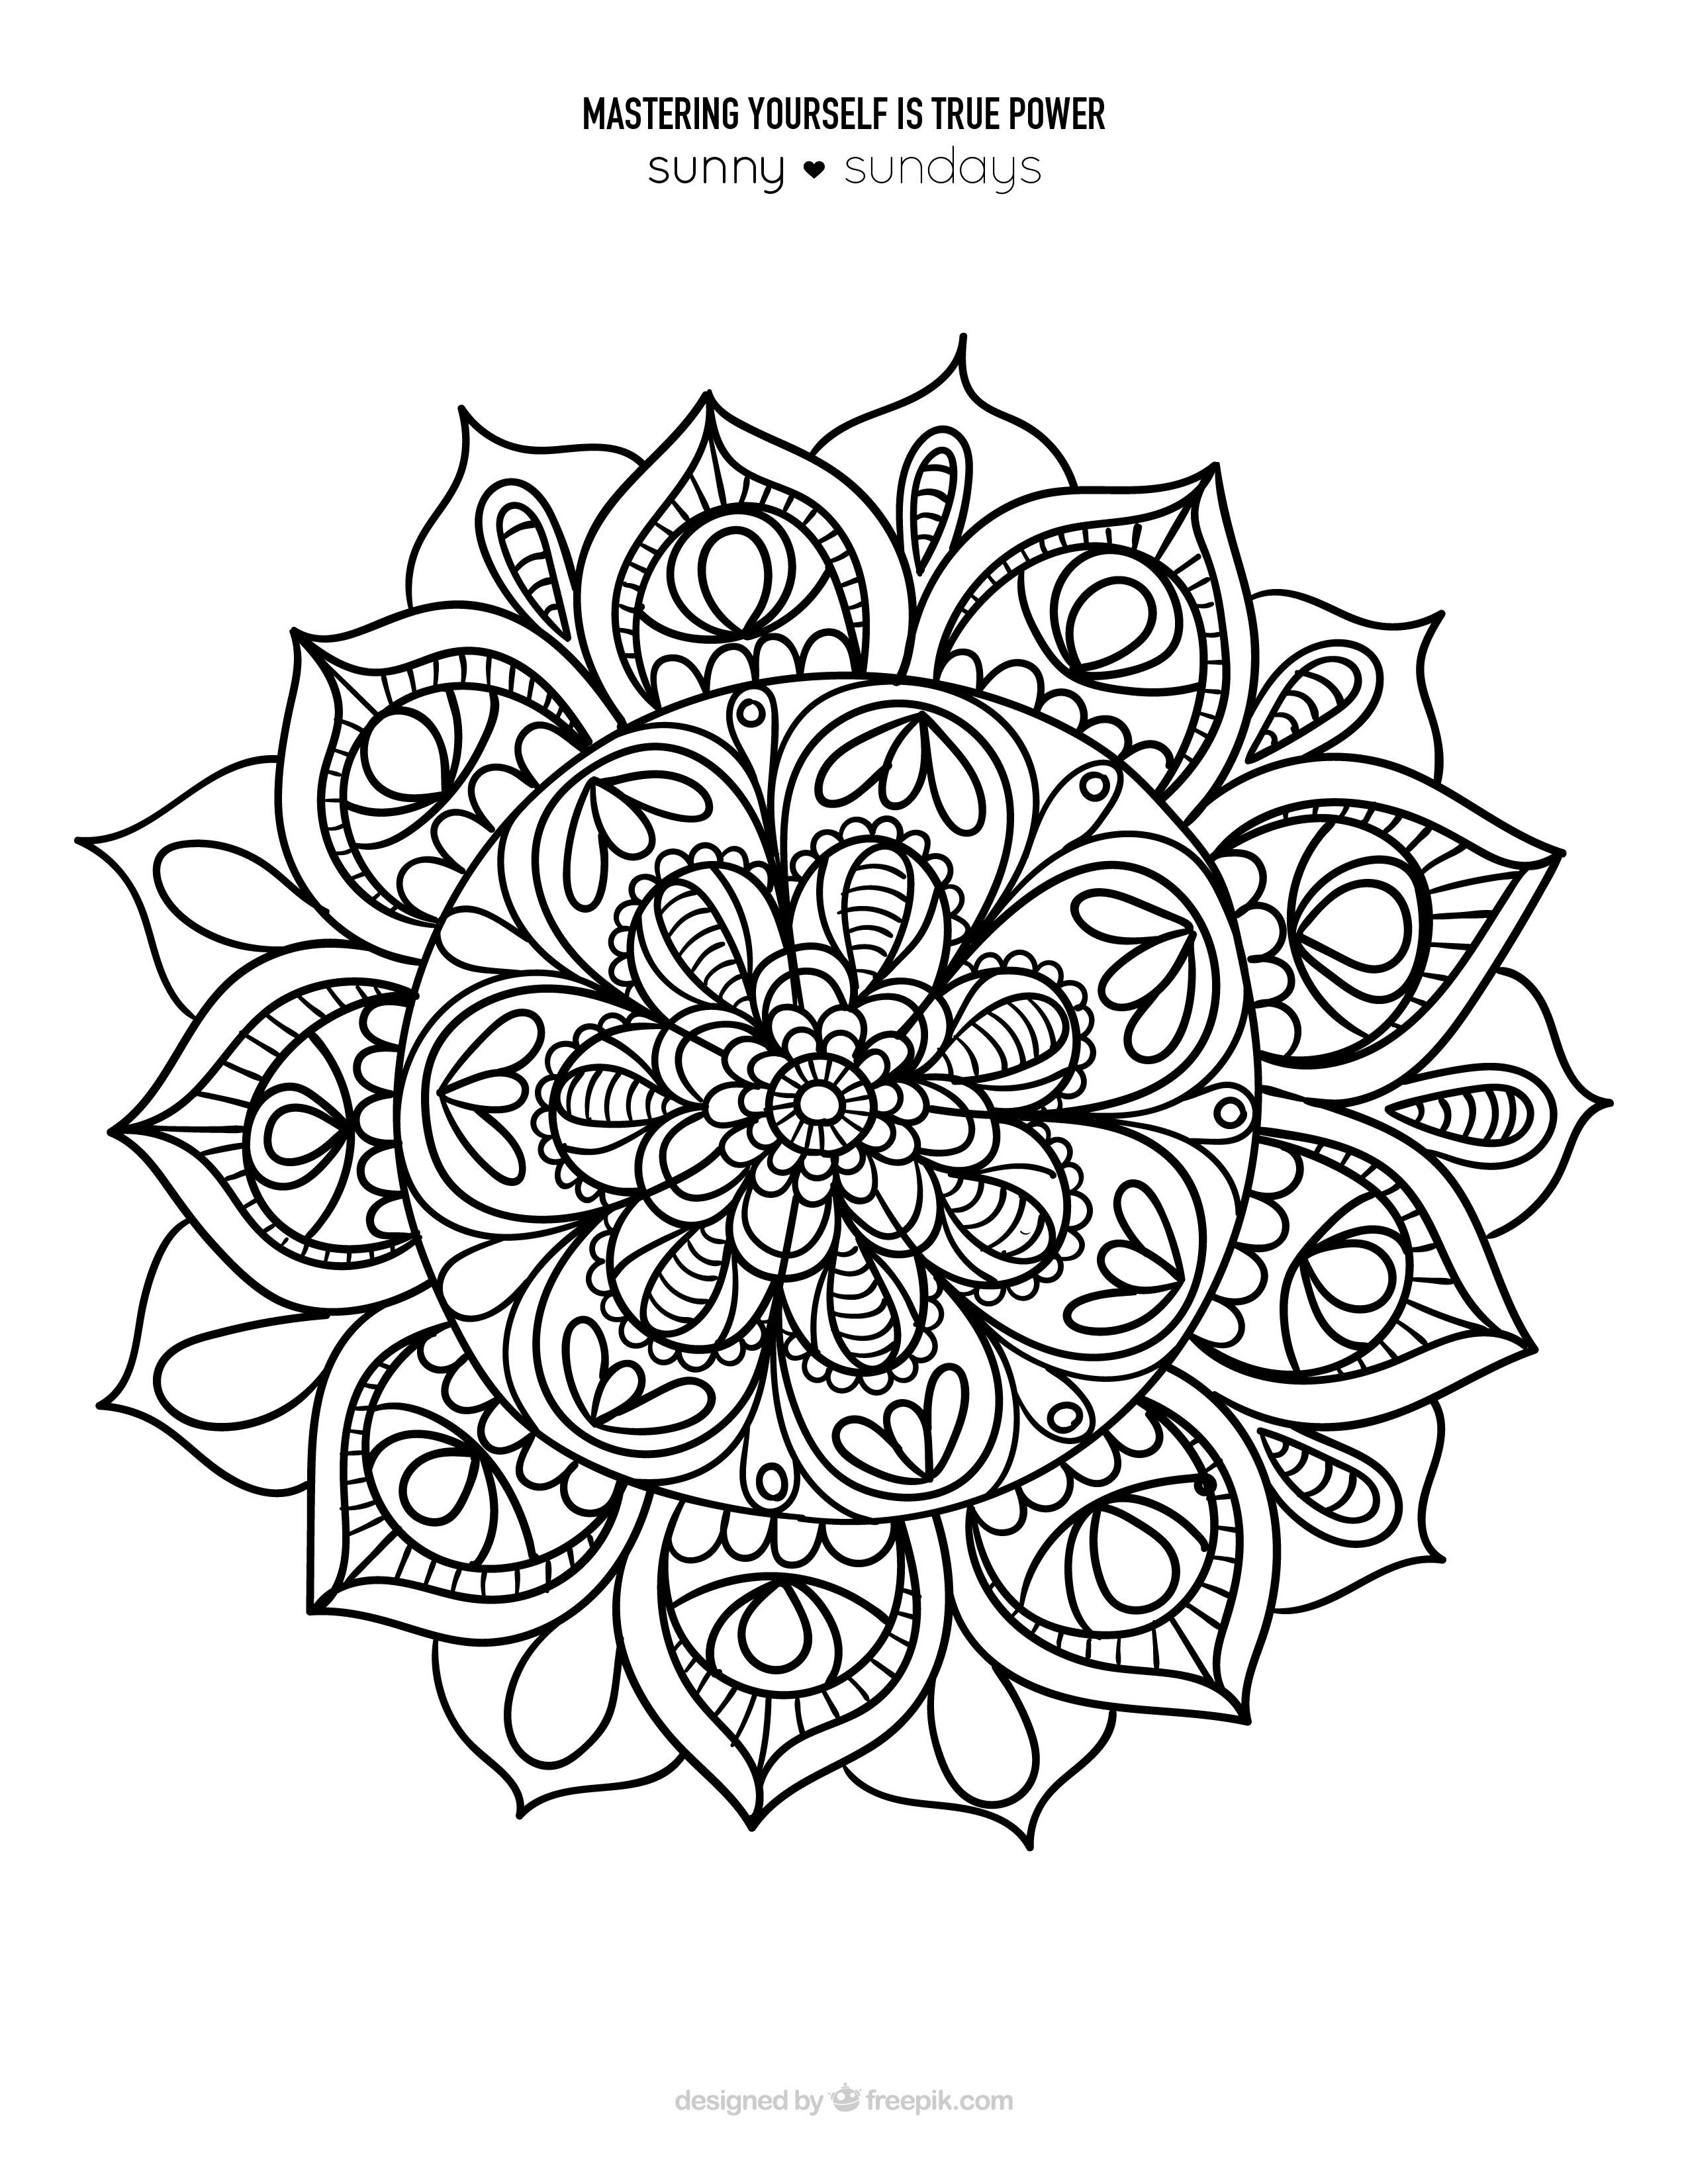 Colores Para Pintar Mandalas - Decoración Del Hogar - Prosalo.com